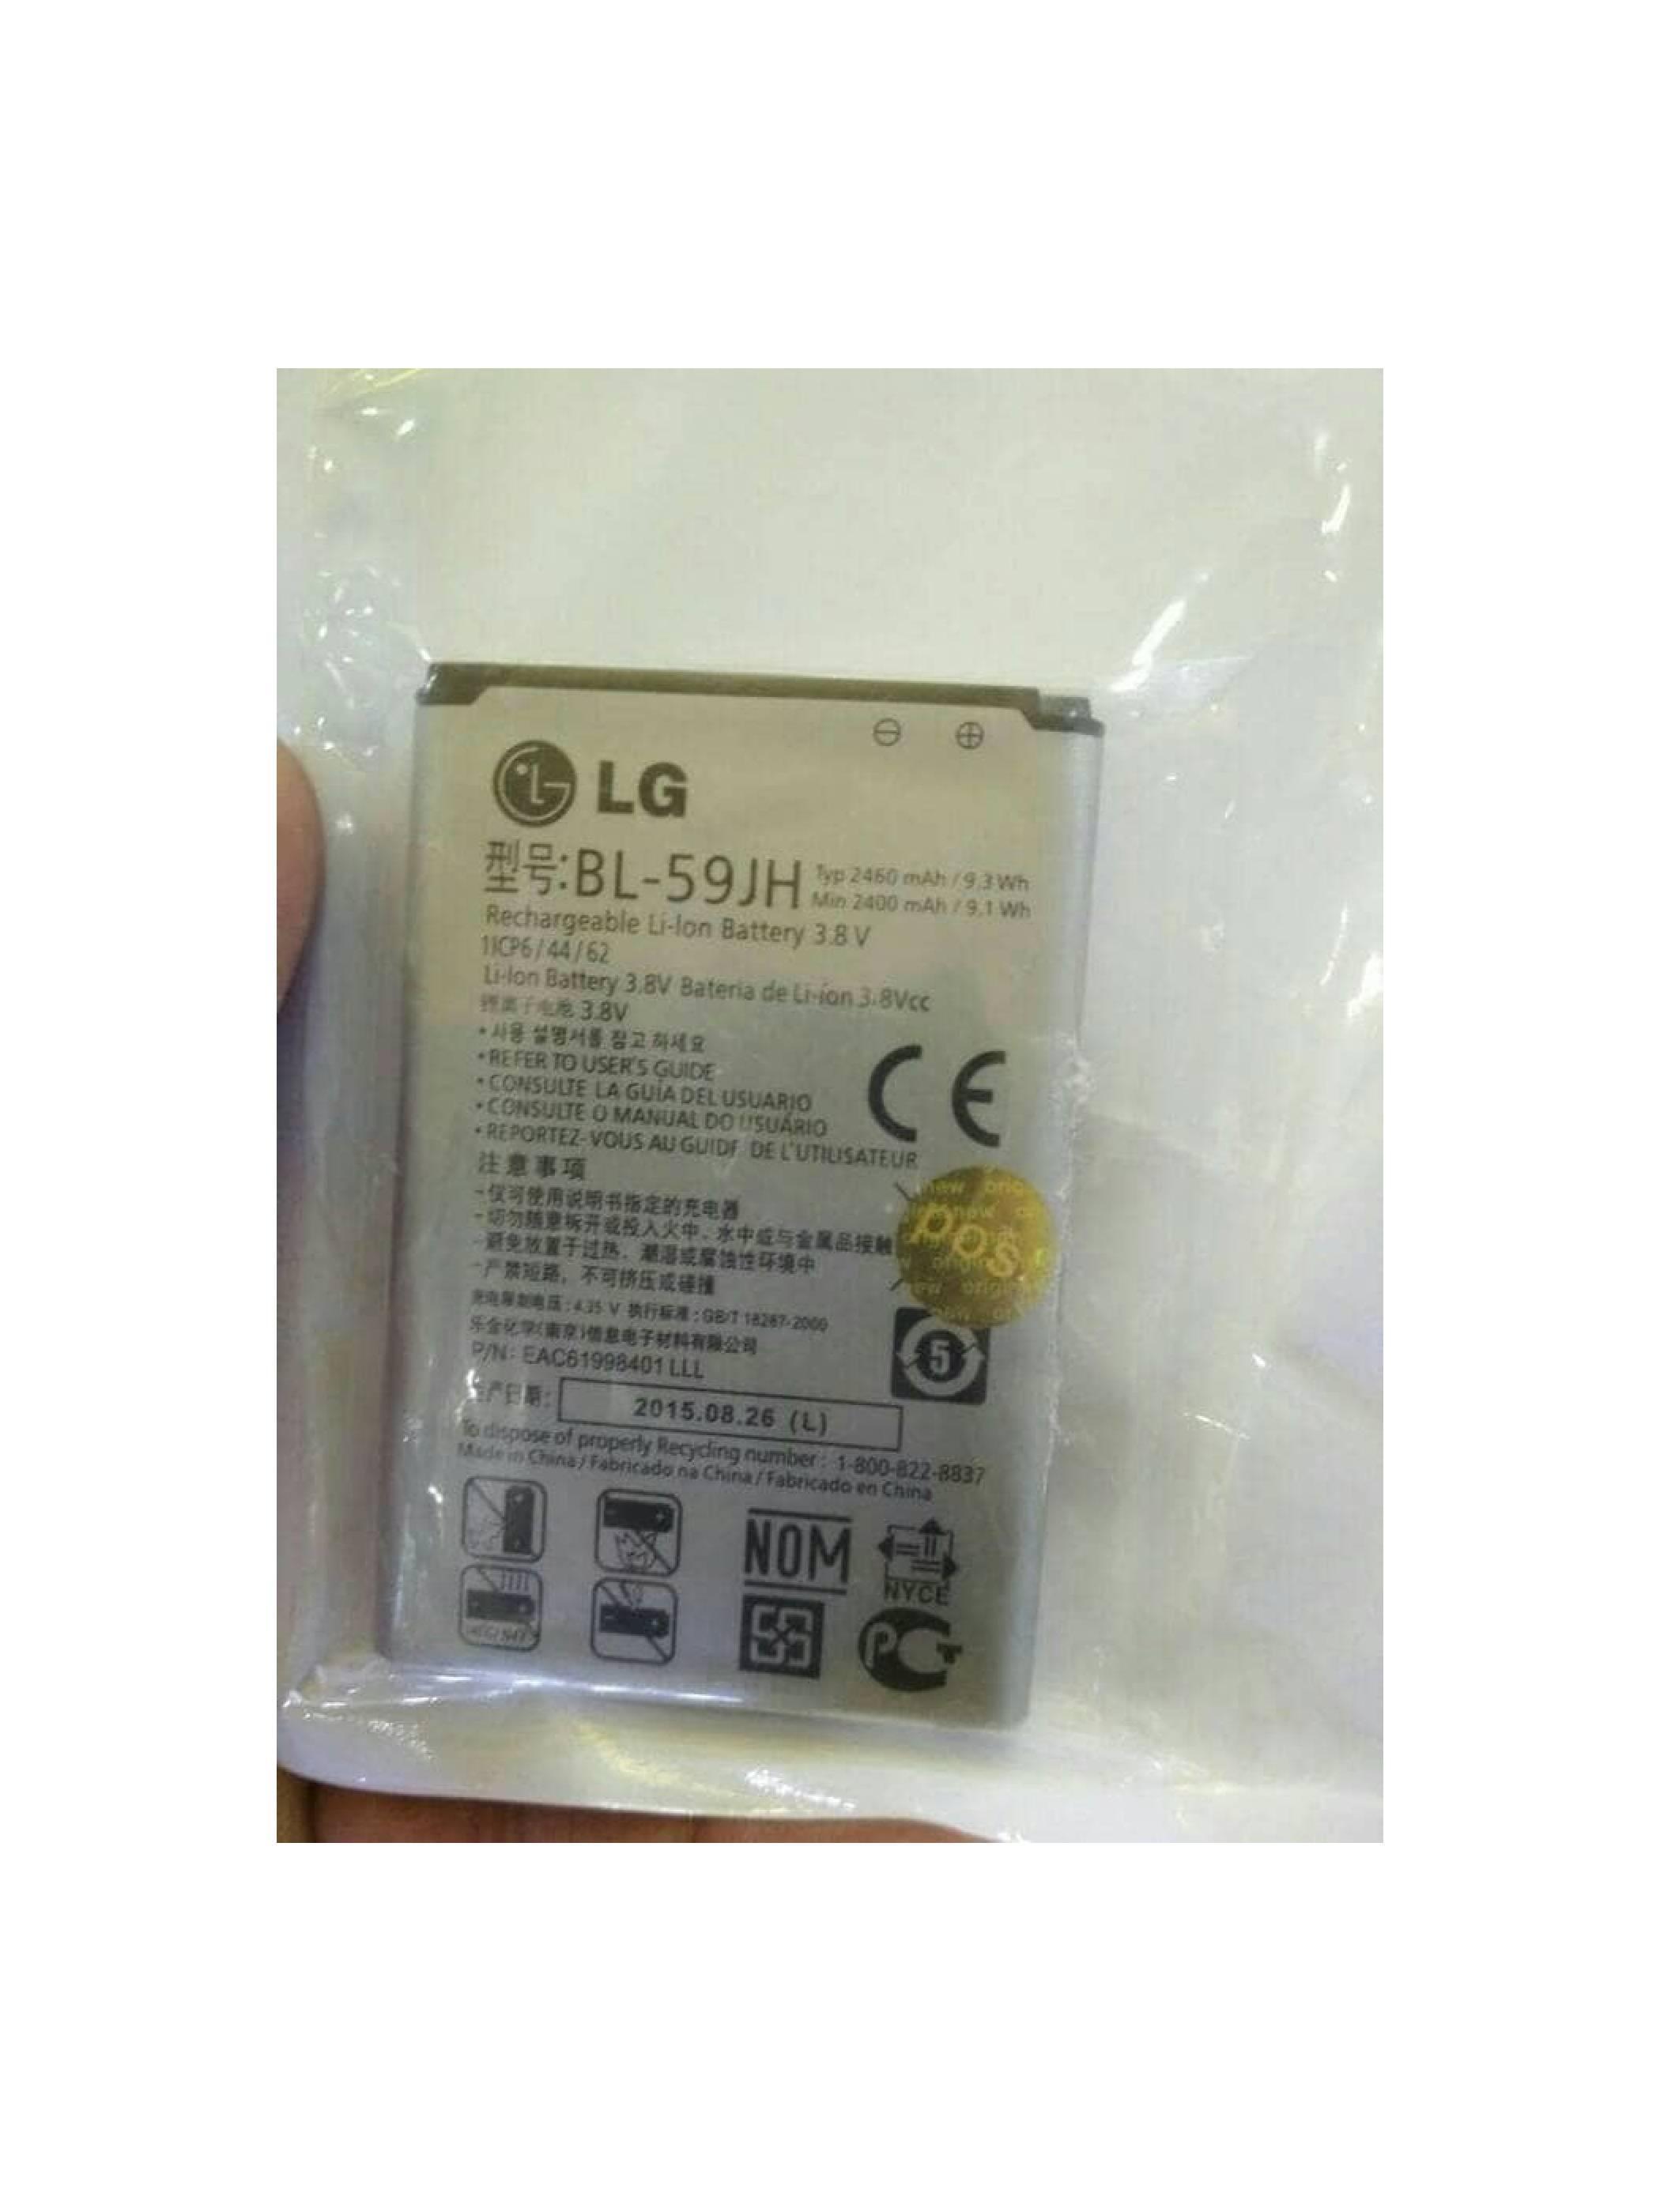 LG BL-59JH Original Battery Baterai LG Lucid2/ Lucid 2 2460mAh